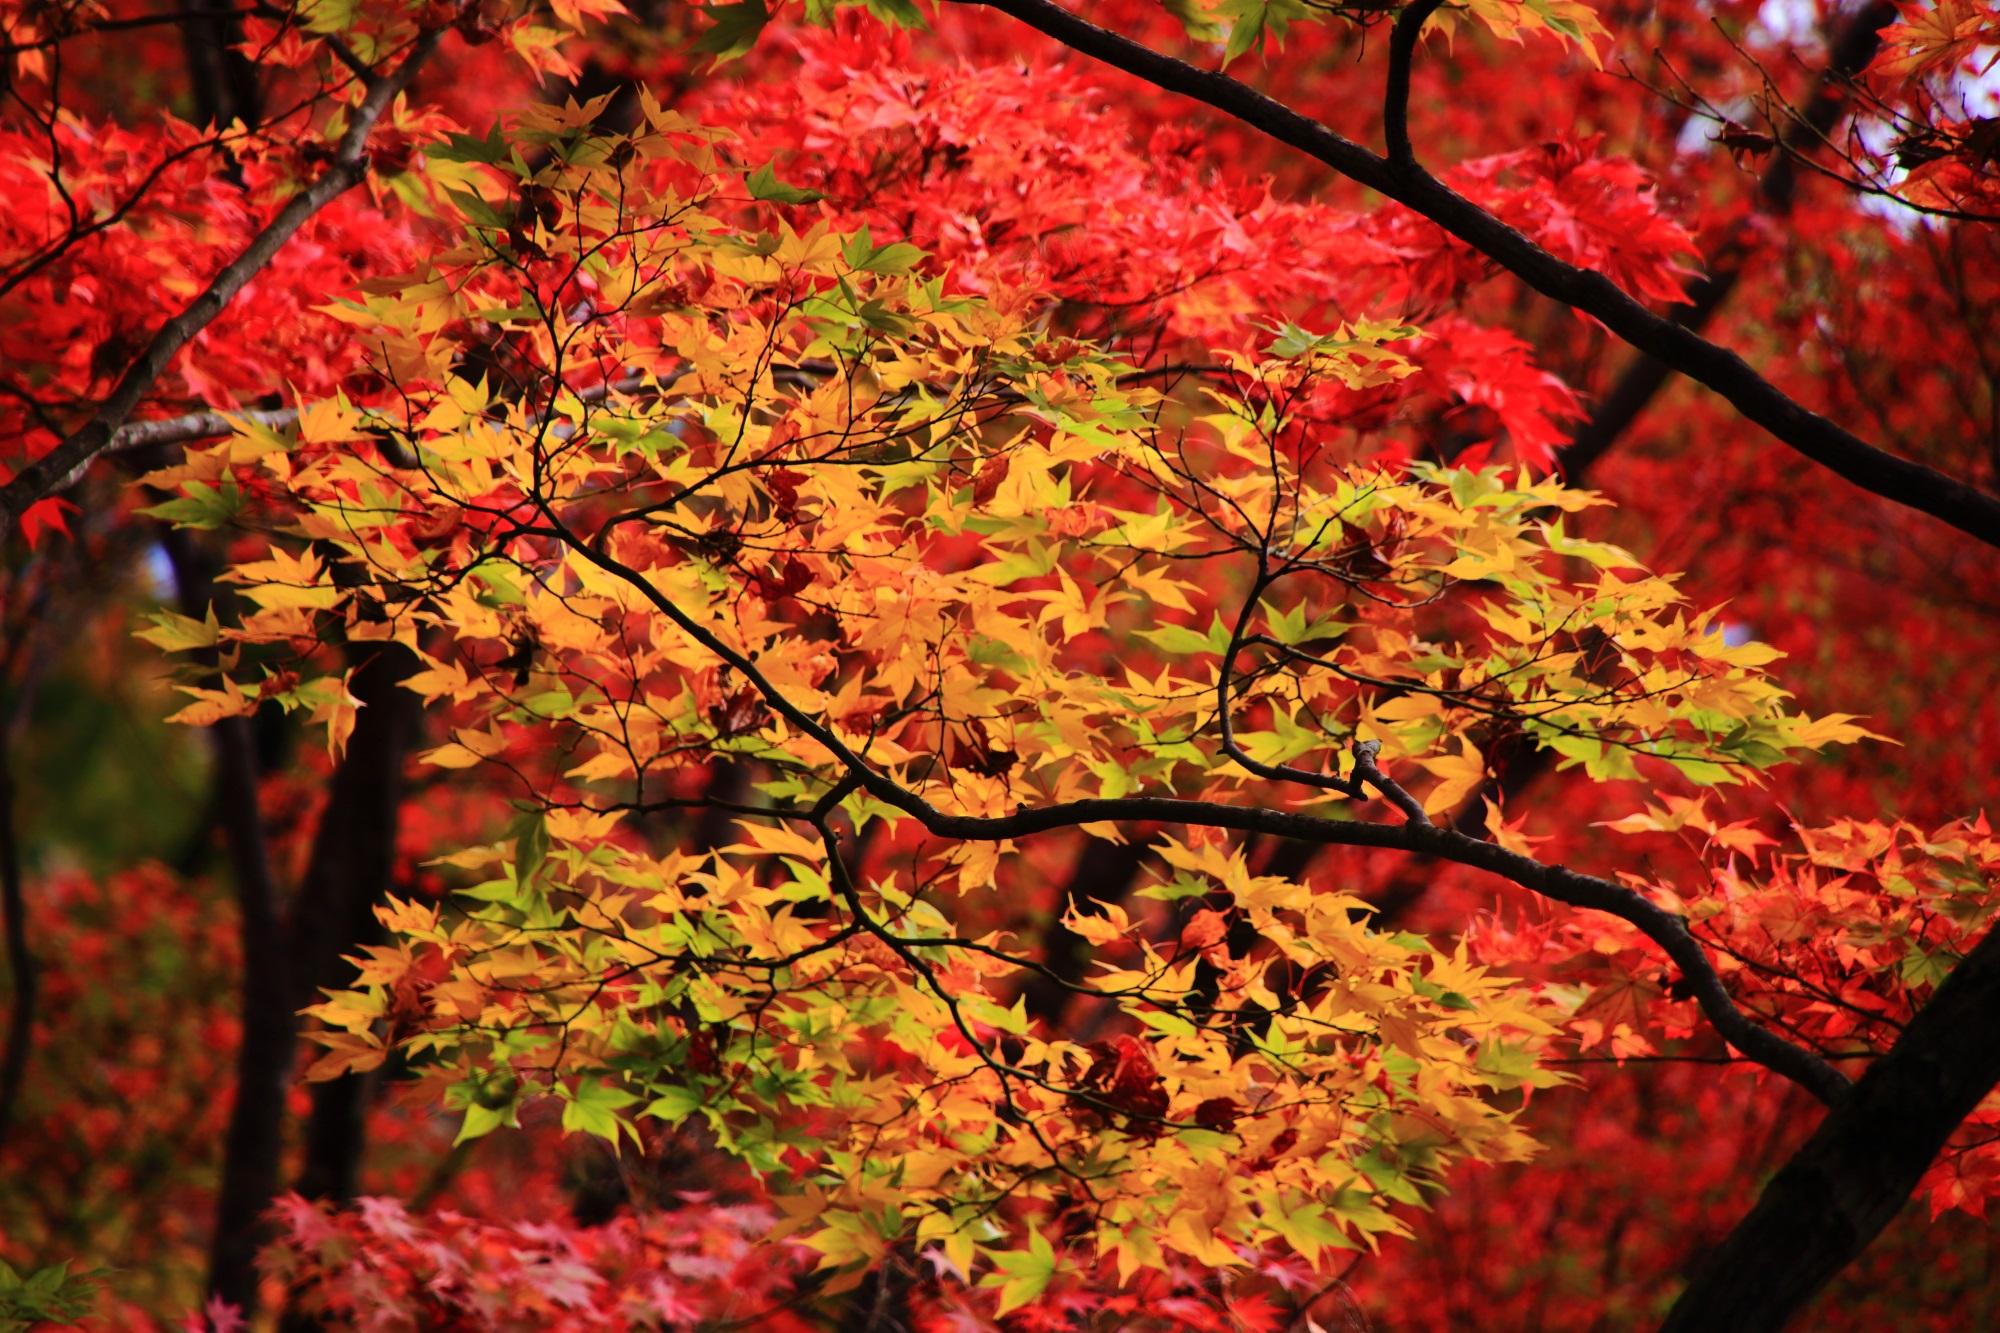 紅葉の名所の常寂光寺の美しい紅葉